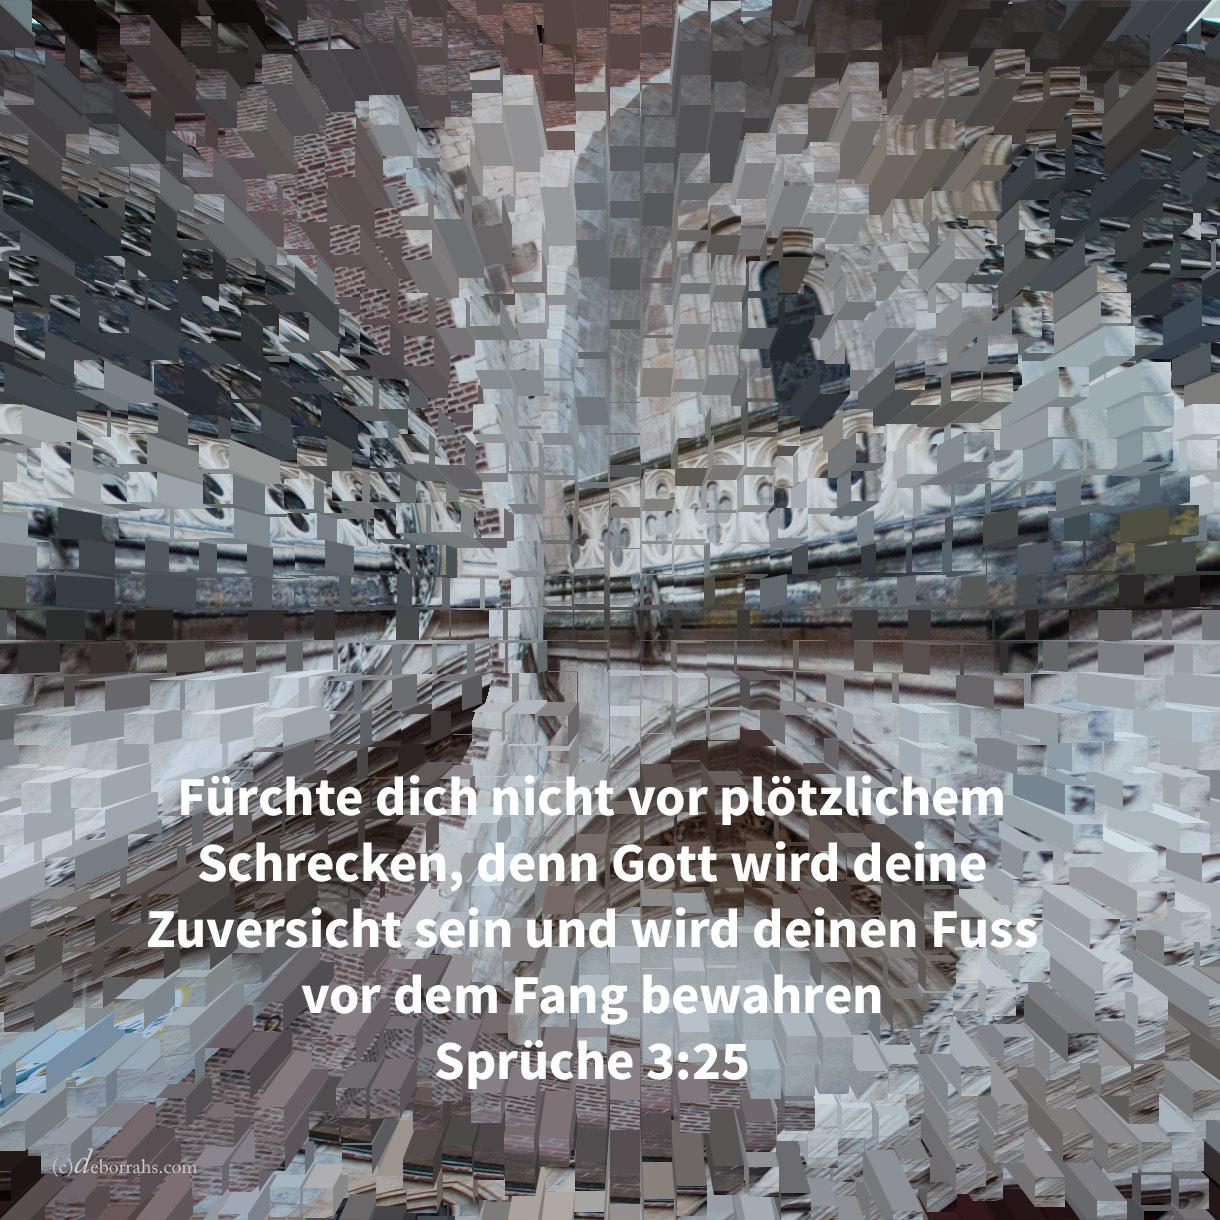 Fürchte dich nicht vor plötzlichem Schrecken, noch vor der Verwüstung der Gesetzlosen, wenn sie kommt; denn Jehova wird deine Zuversicht sein, und wird deinen Fuss vor dem Fange bewahren ( Sprüche 3:25 )